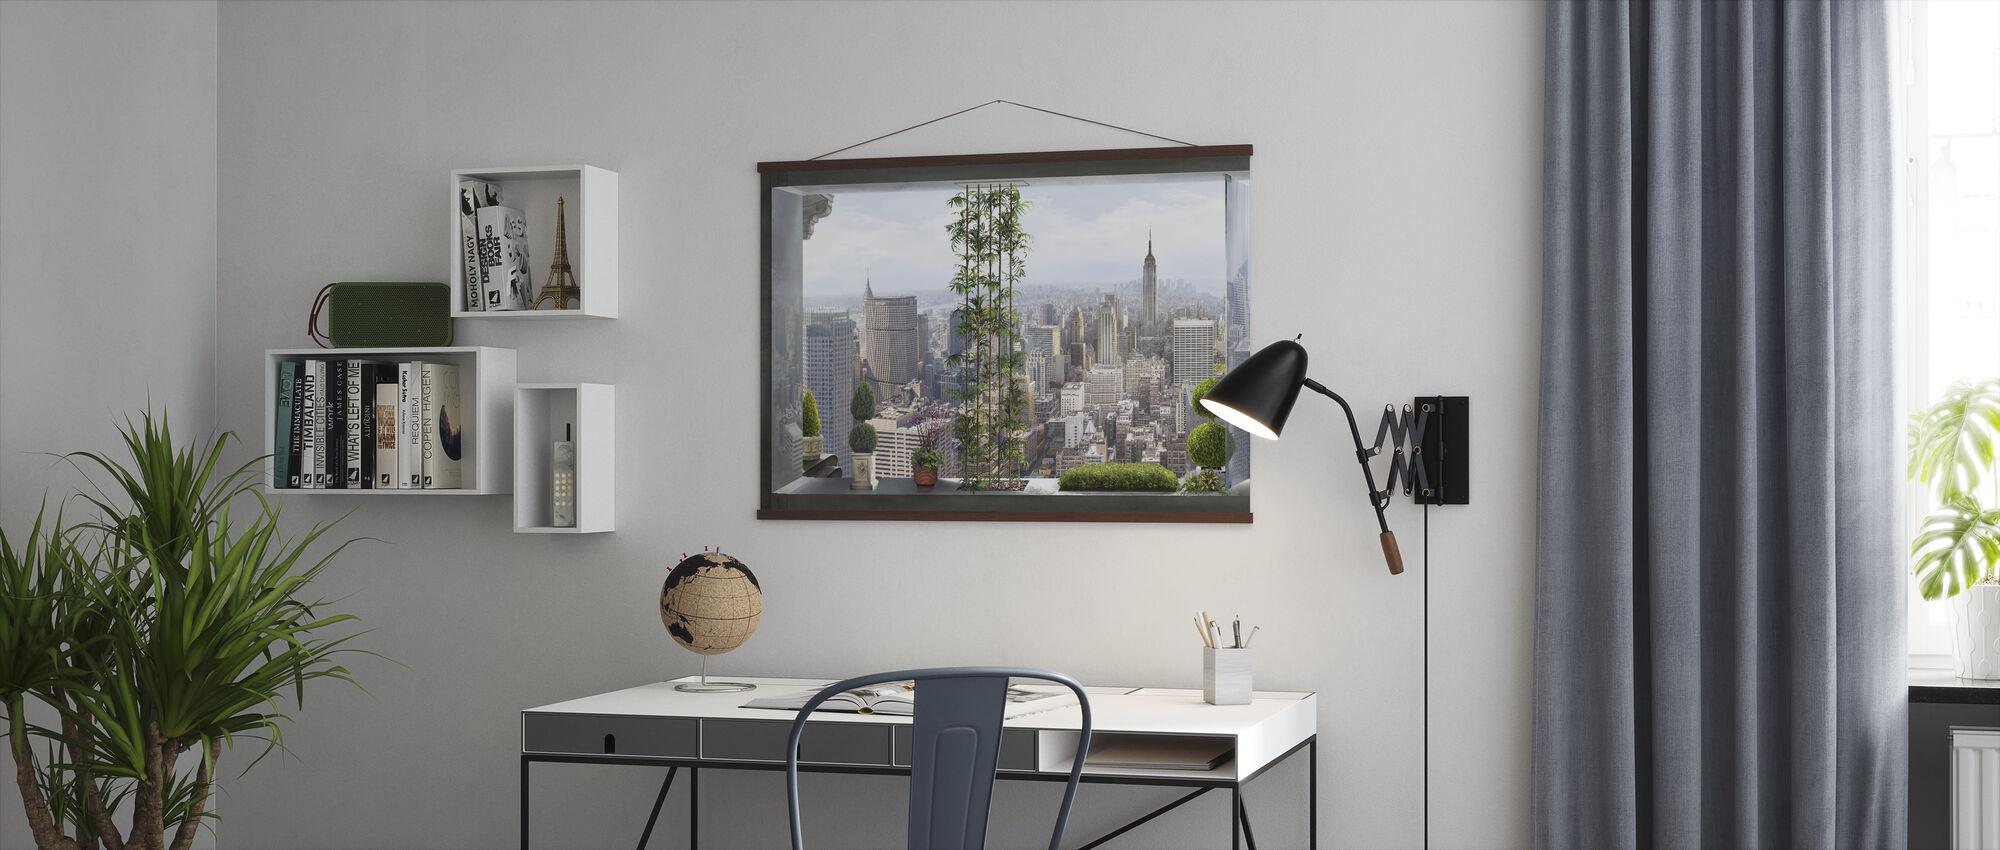 Utsikt över Manhattan - Poster - Kontor